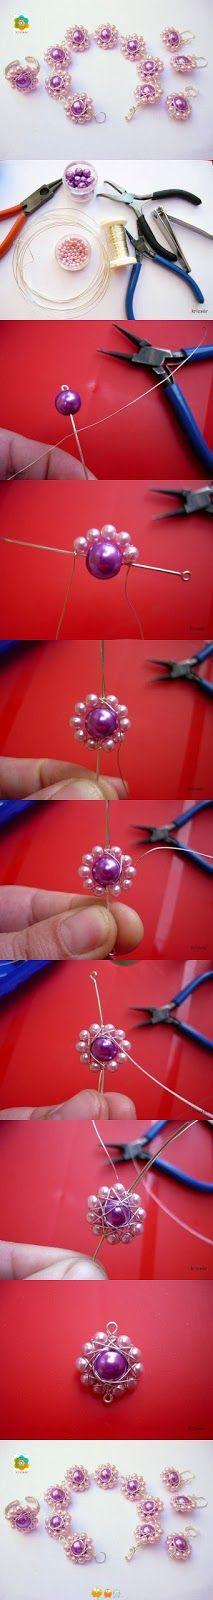 Great tutorial for earrings and bracelet |Gunadesign Handmade Design Barn